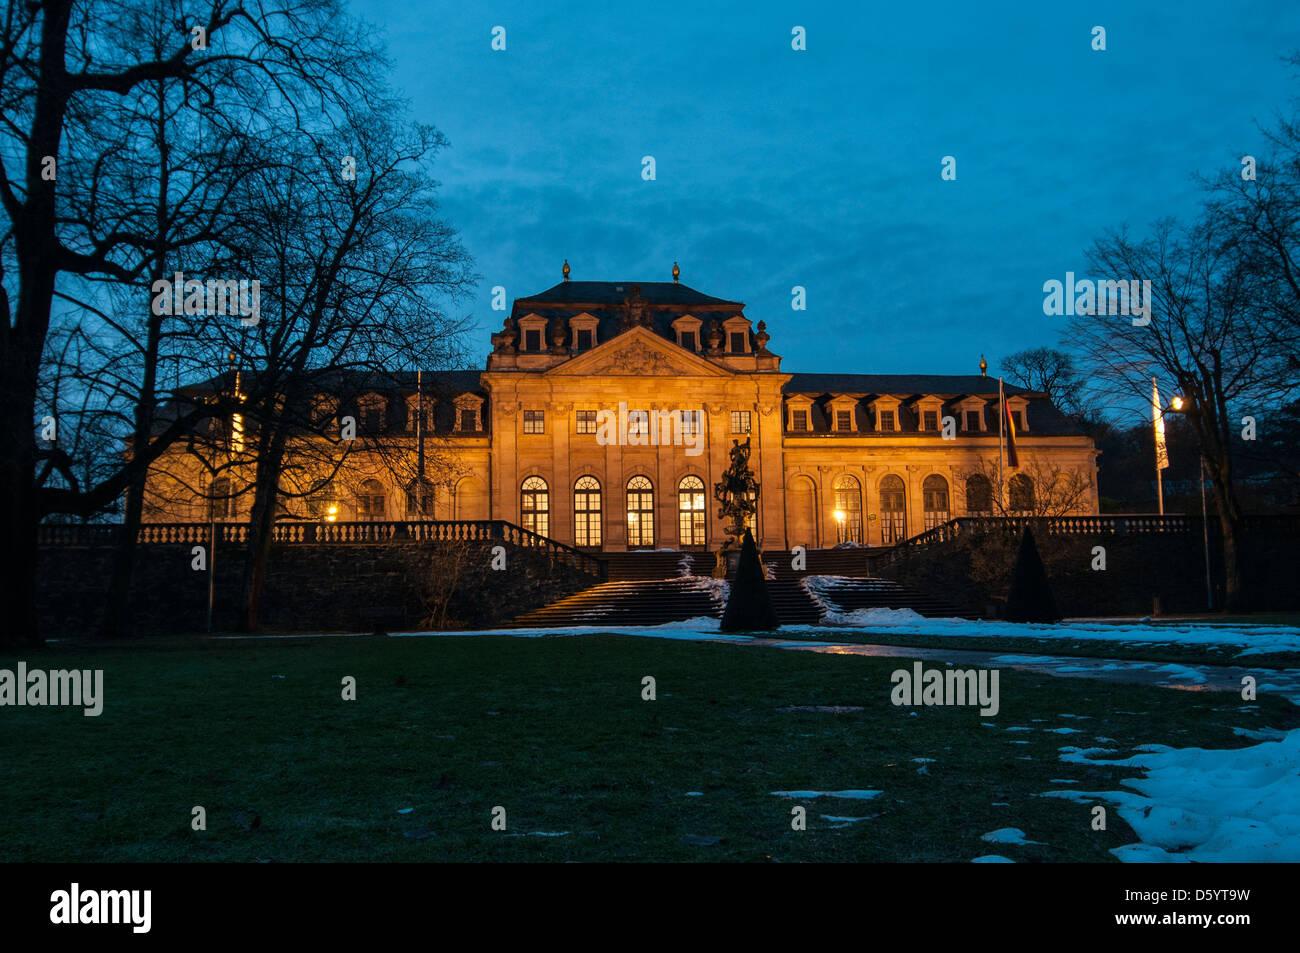 Orangerie Und Floravase in der Blauen Stunde Im Winter, Fulda, Hessen Deutschland Stockbild